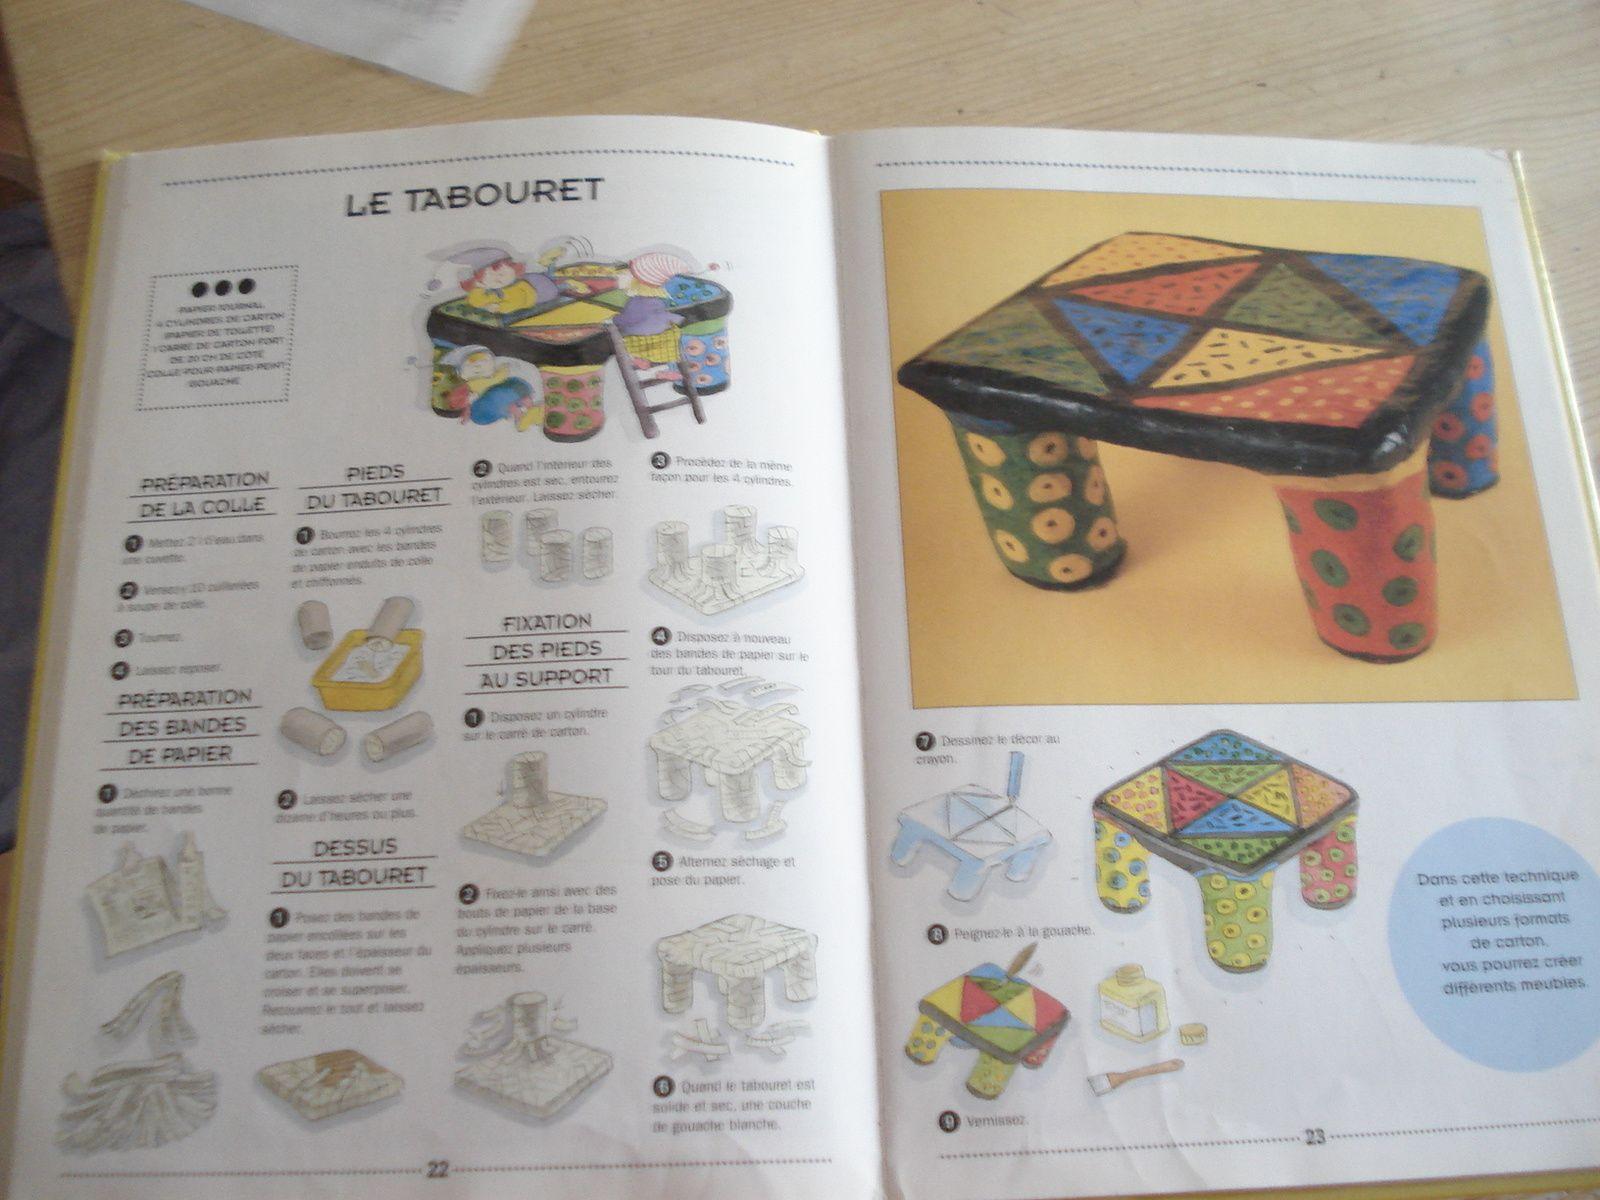 Les différentes étapes de fabrication bien expliquées...